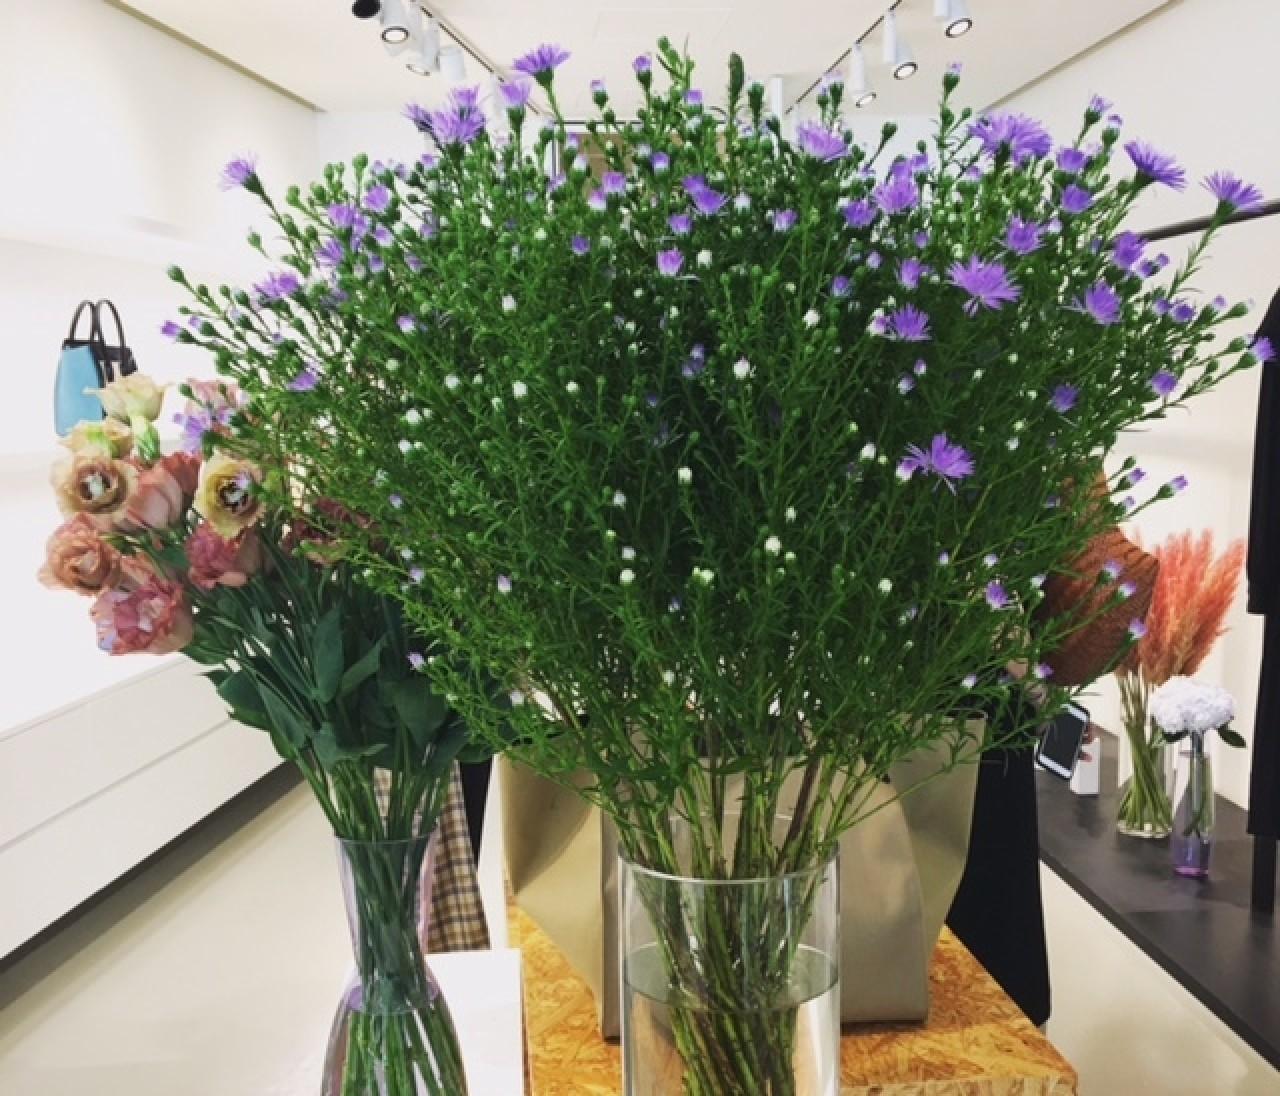 セリーヌ展示会の花あしらいは、やっぱりオシャレ♡